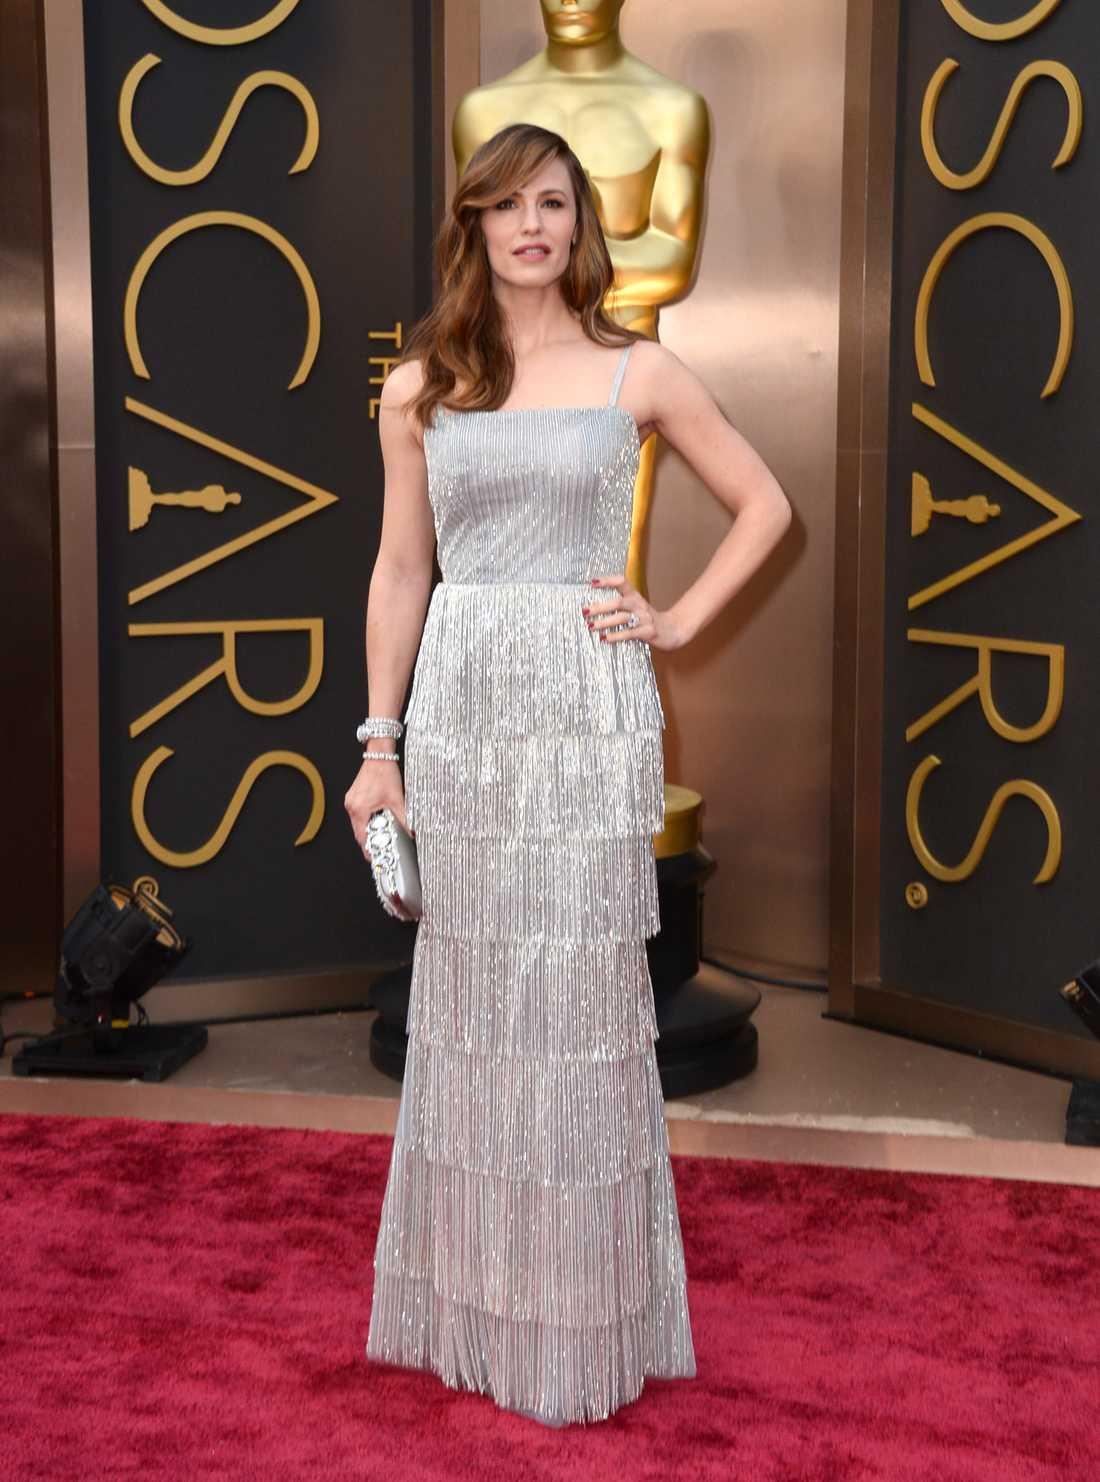 """++++ Jennifer Garner: """"Tjusigt värre från Oscar de la Renta. Garner kommer vara en perfekt discokula på efterfesten! Lekfullt och snyggt samtidigt. Extra tjusigt att man kör på en relaxad frisyr när klänningen drar så mycket uppmärksamhet!"""""""